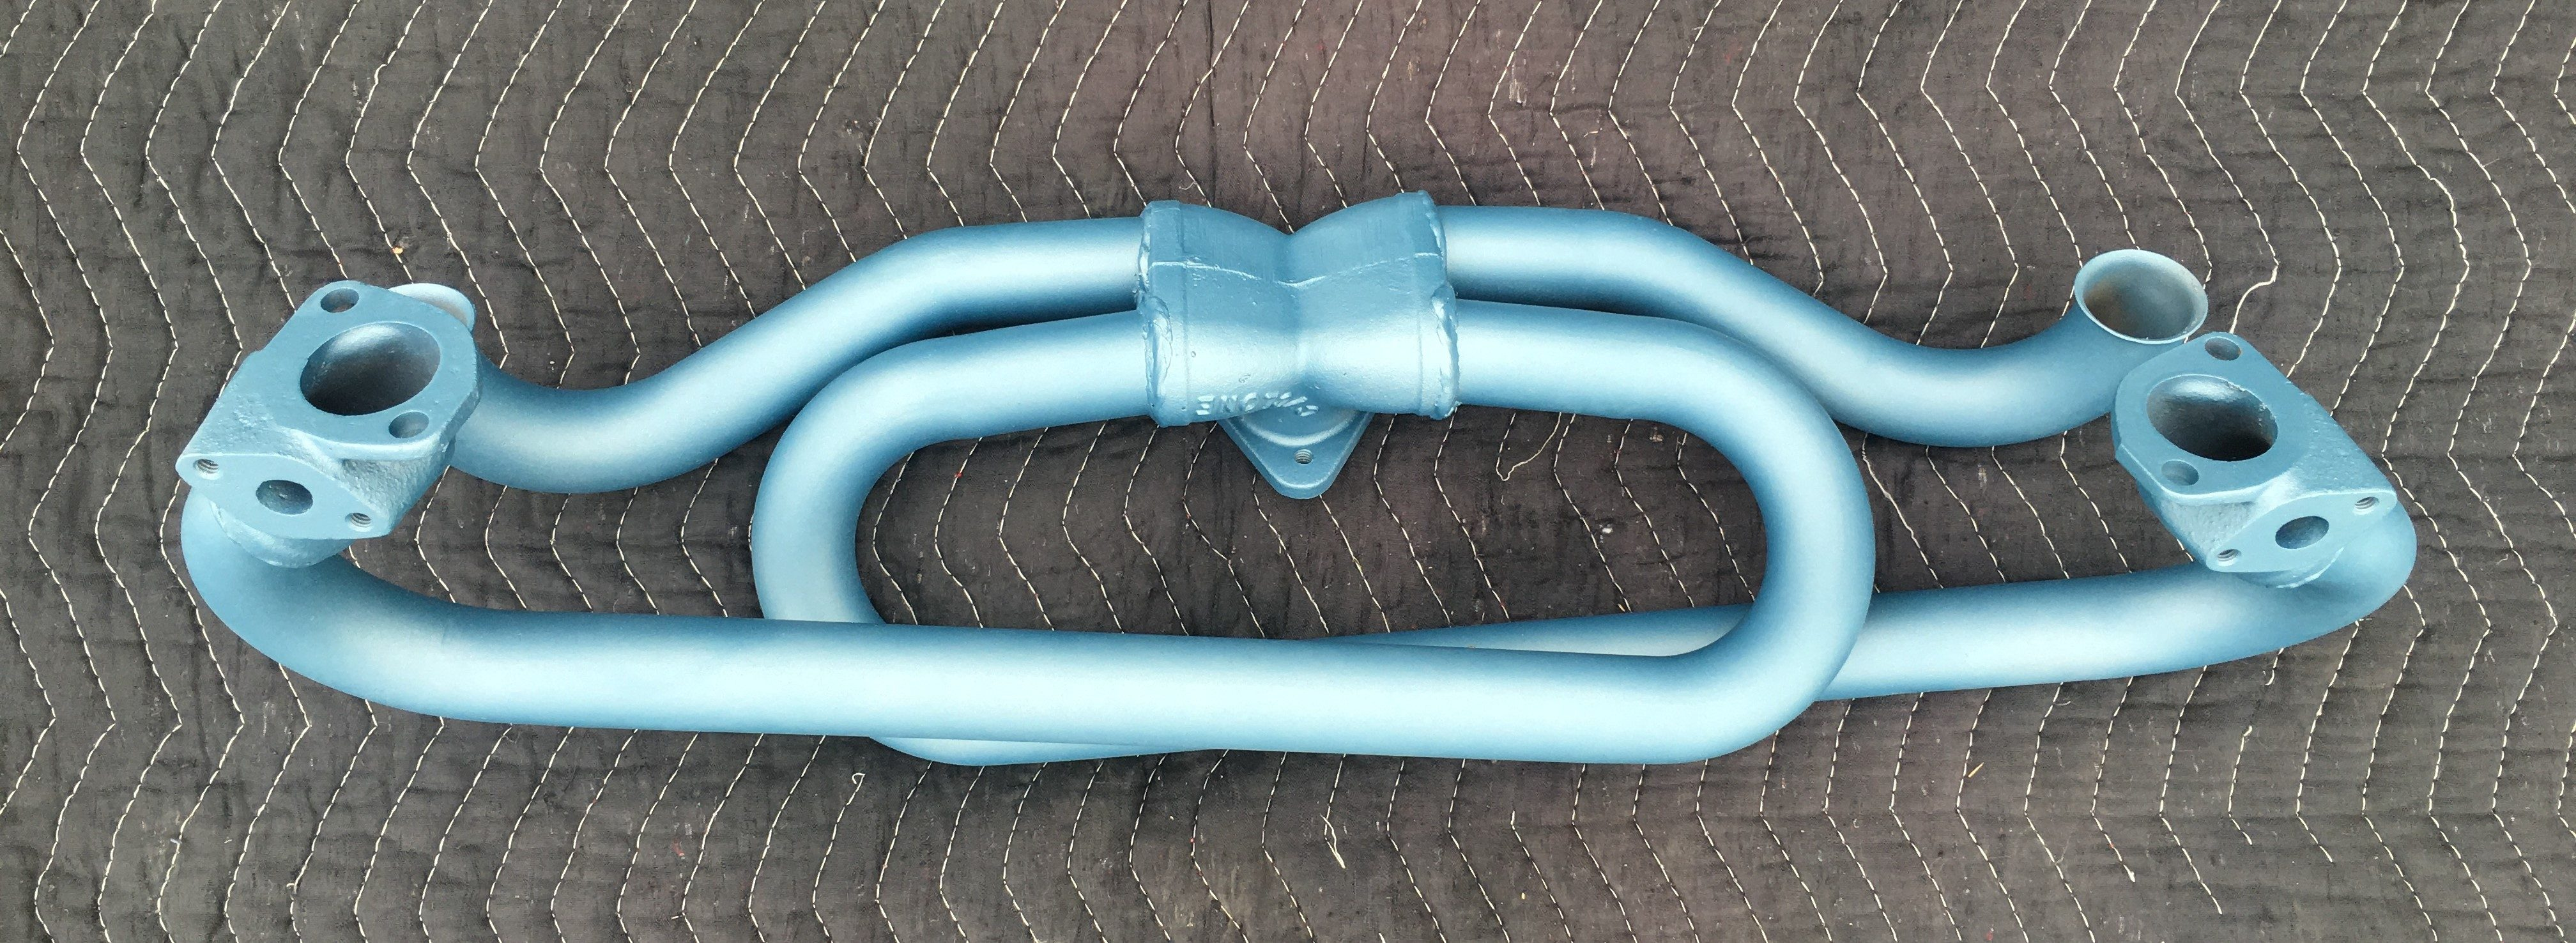 Cerakote Blue Titanium 009